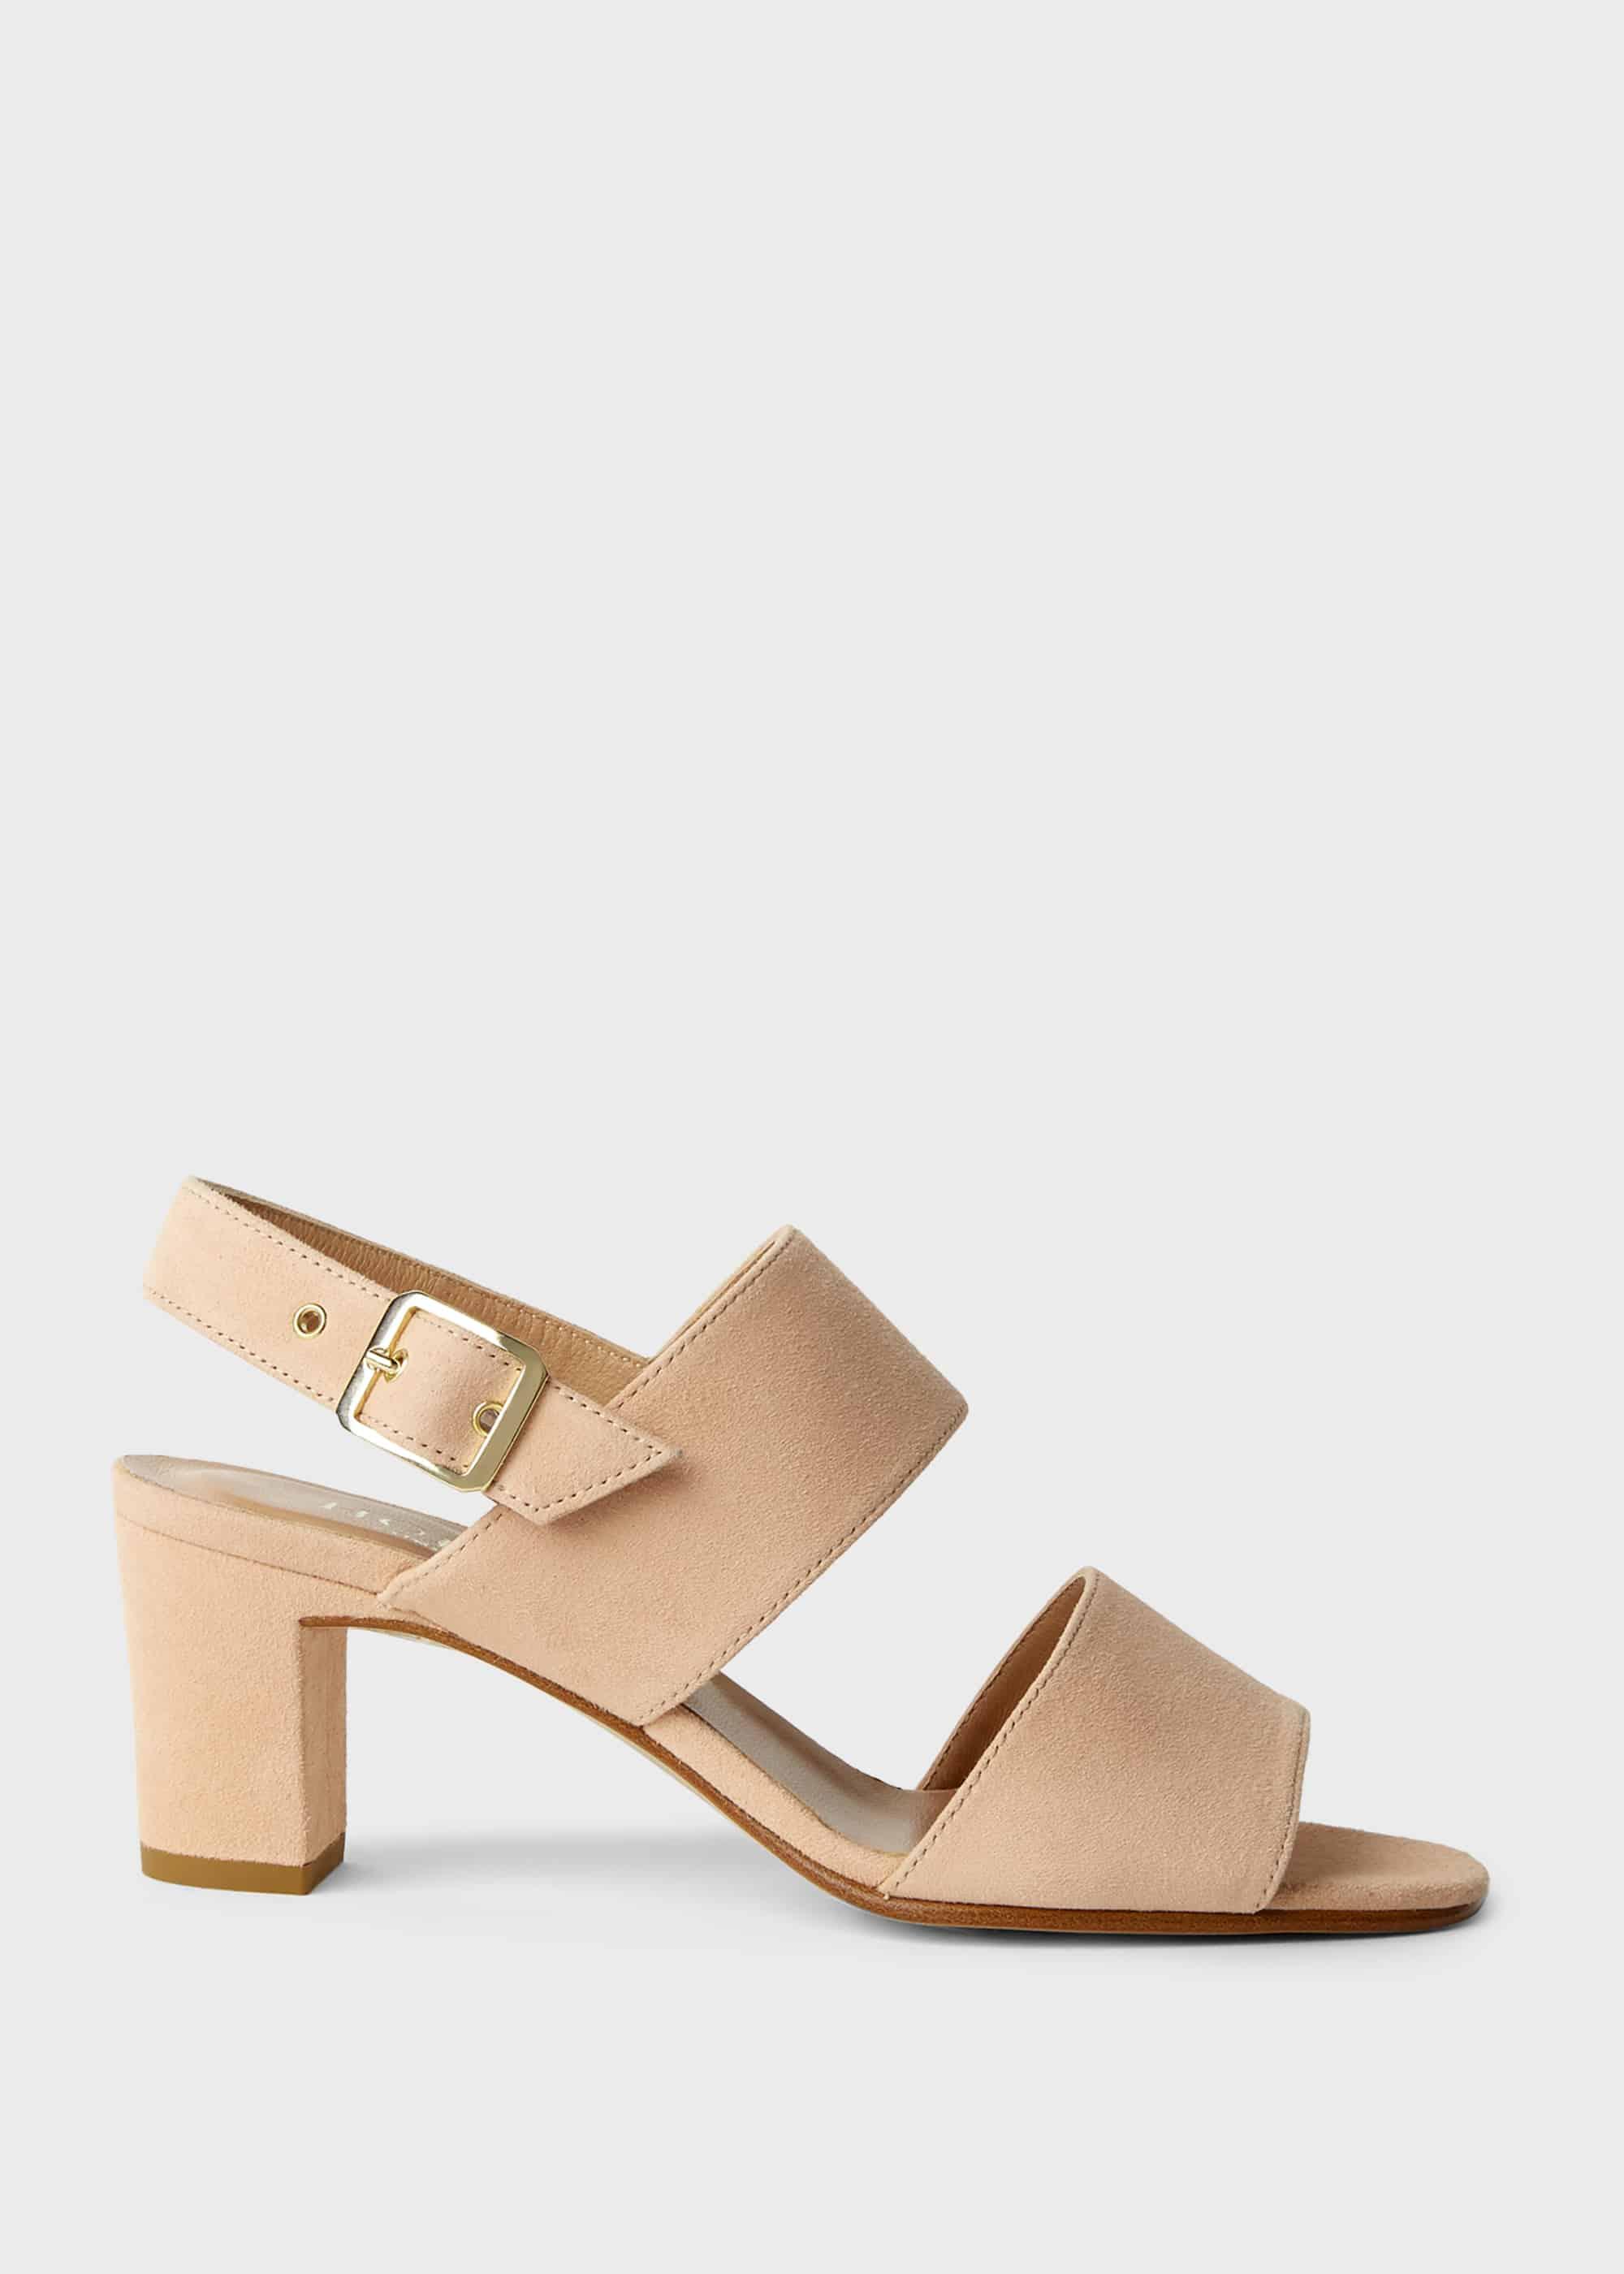 Hobbs Women Katrina Suede Block Heel Sandals